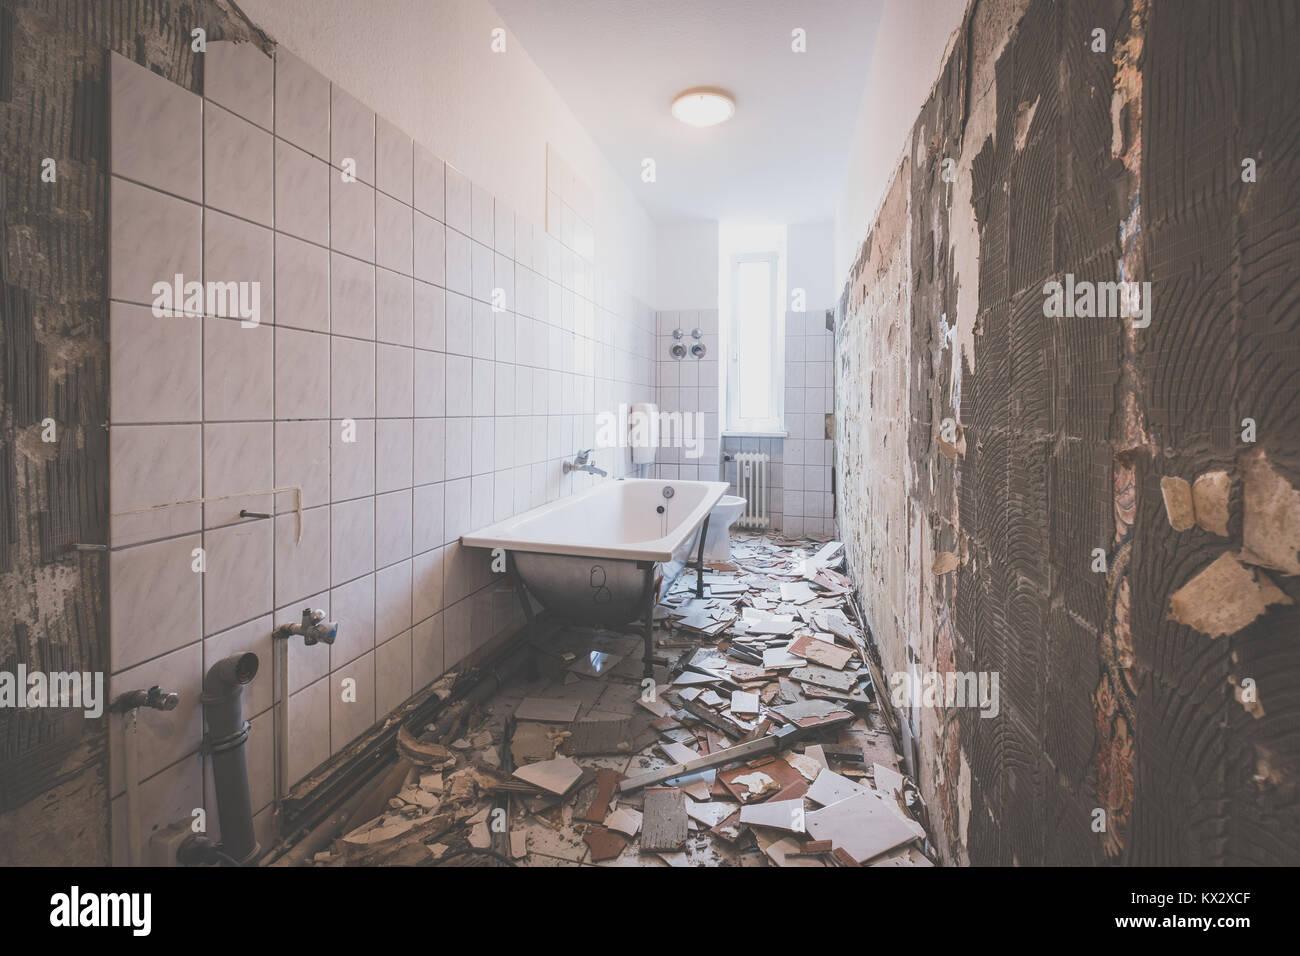 Ristrutturazione bagni rimozione di piastrelle nel vecchio